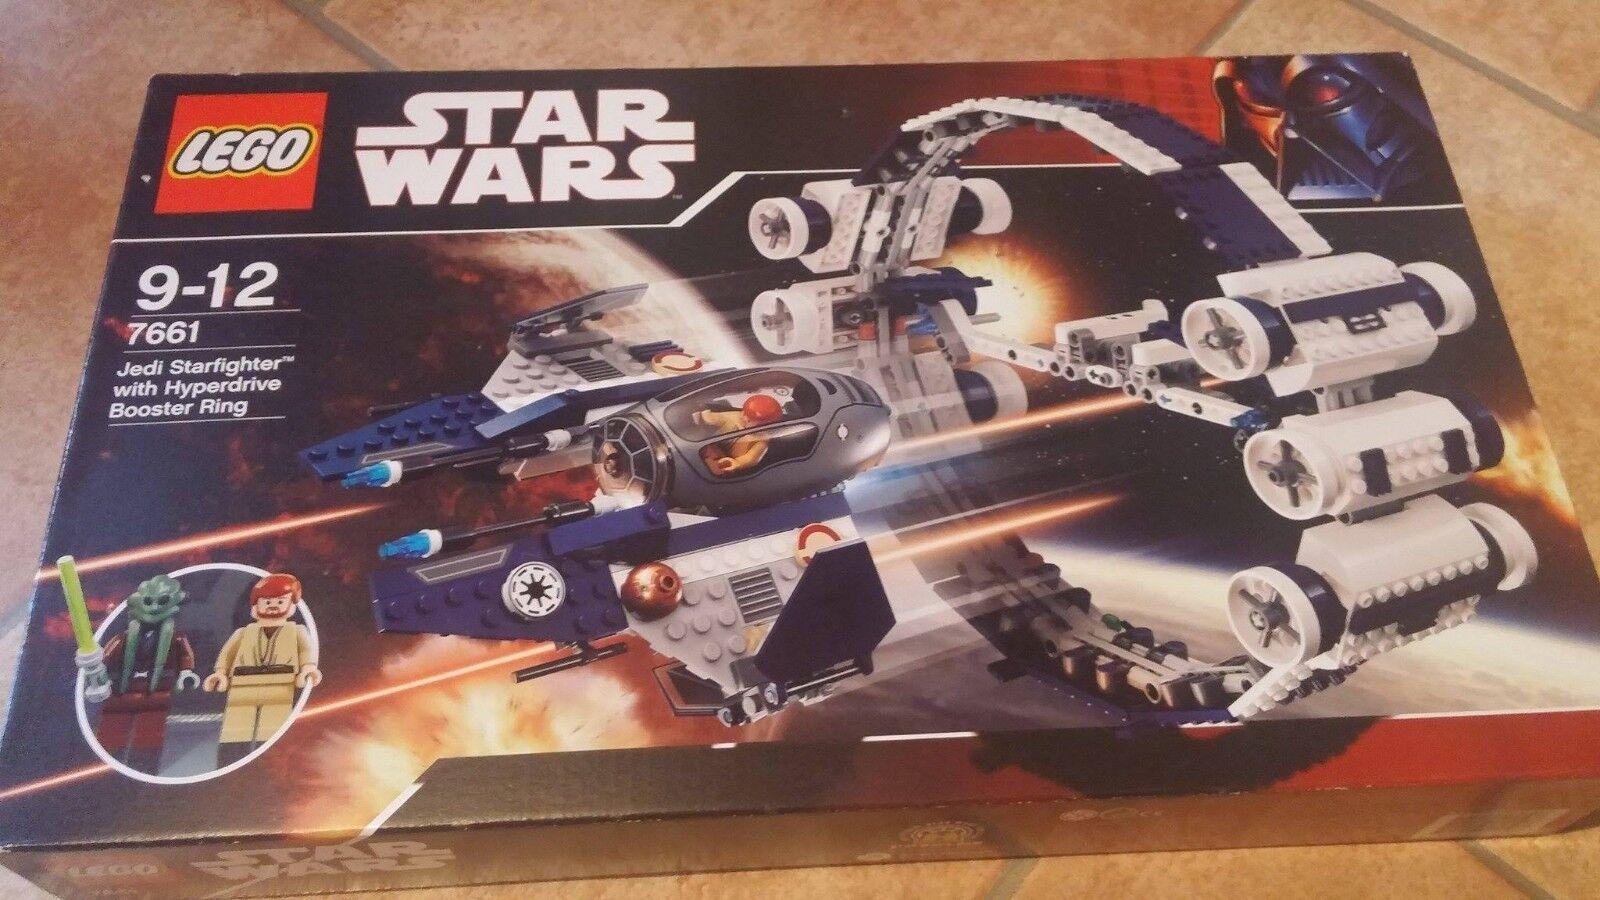 LEGO Star Wars Jedi stellari with Hyperdrive BOOSTER Anello  7661  NUOVO E OVP